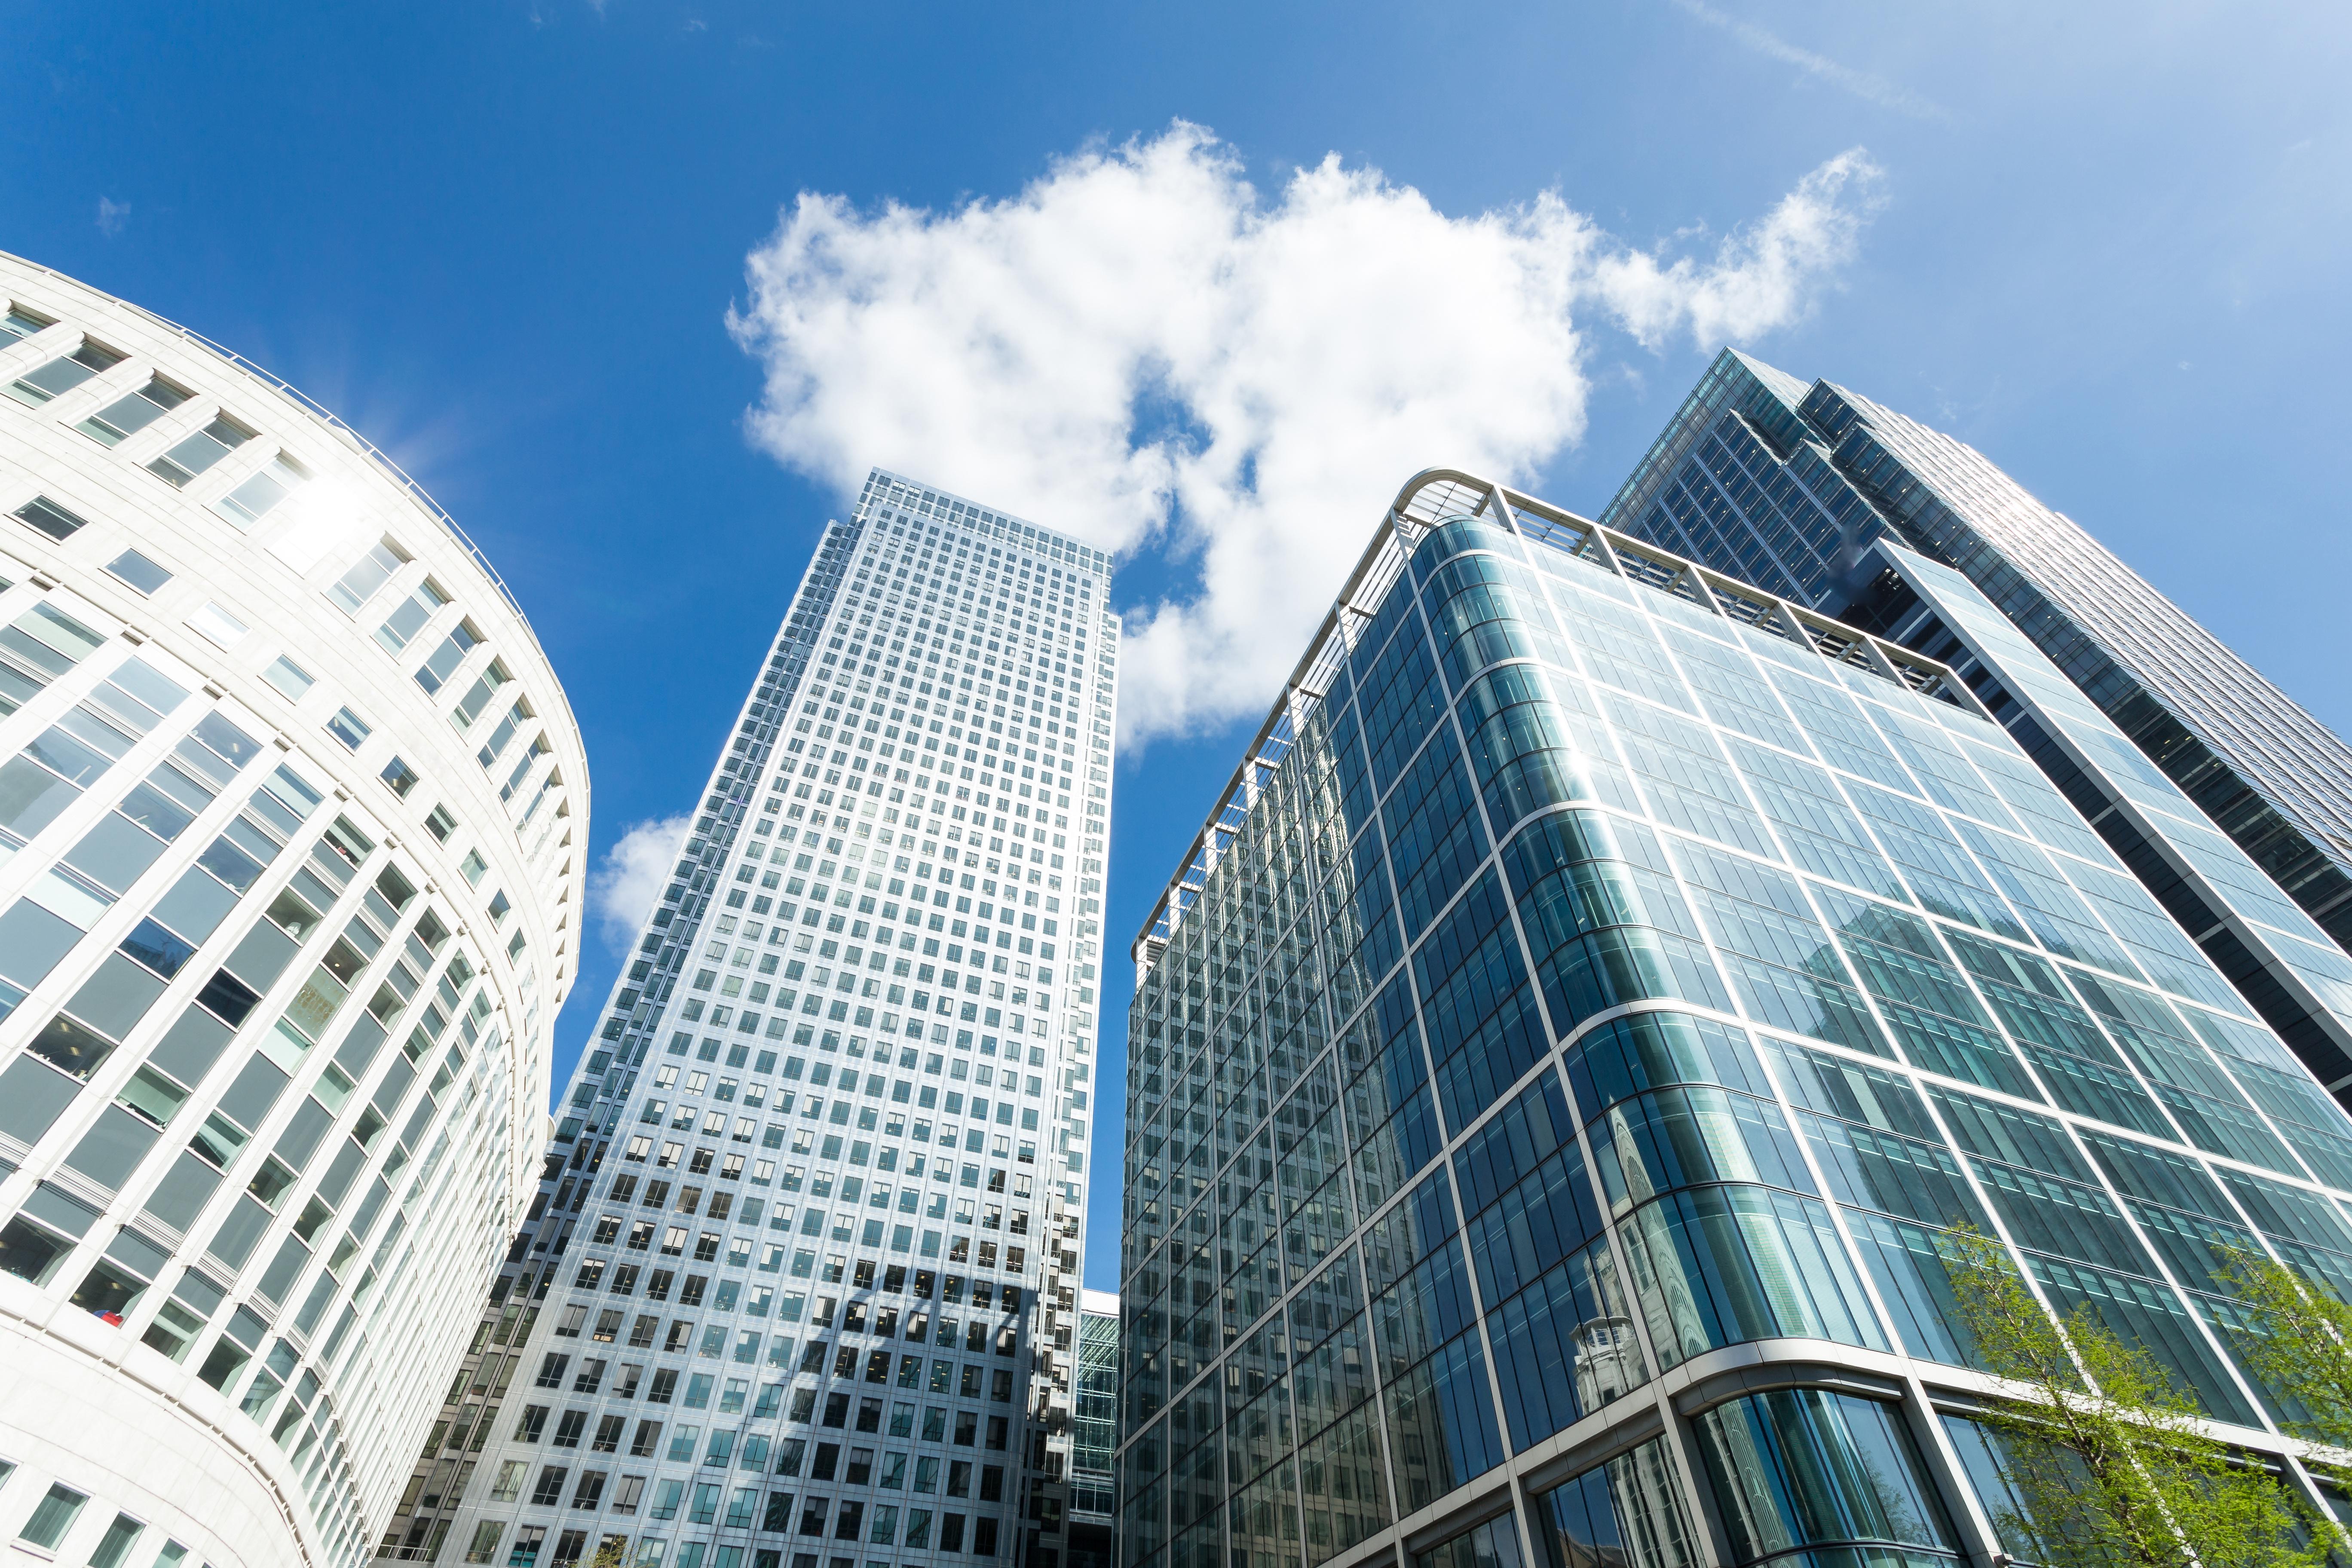 CRE, Commercial Real Estate, CRE Portfolio